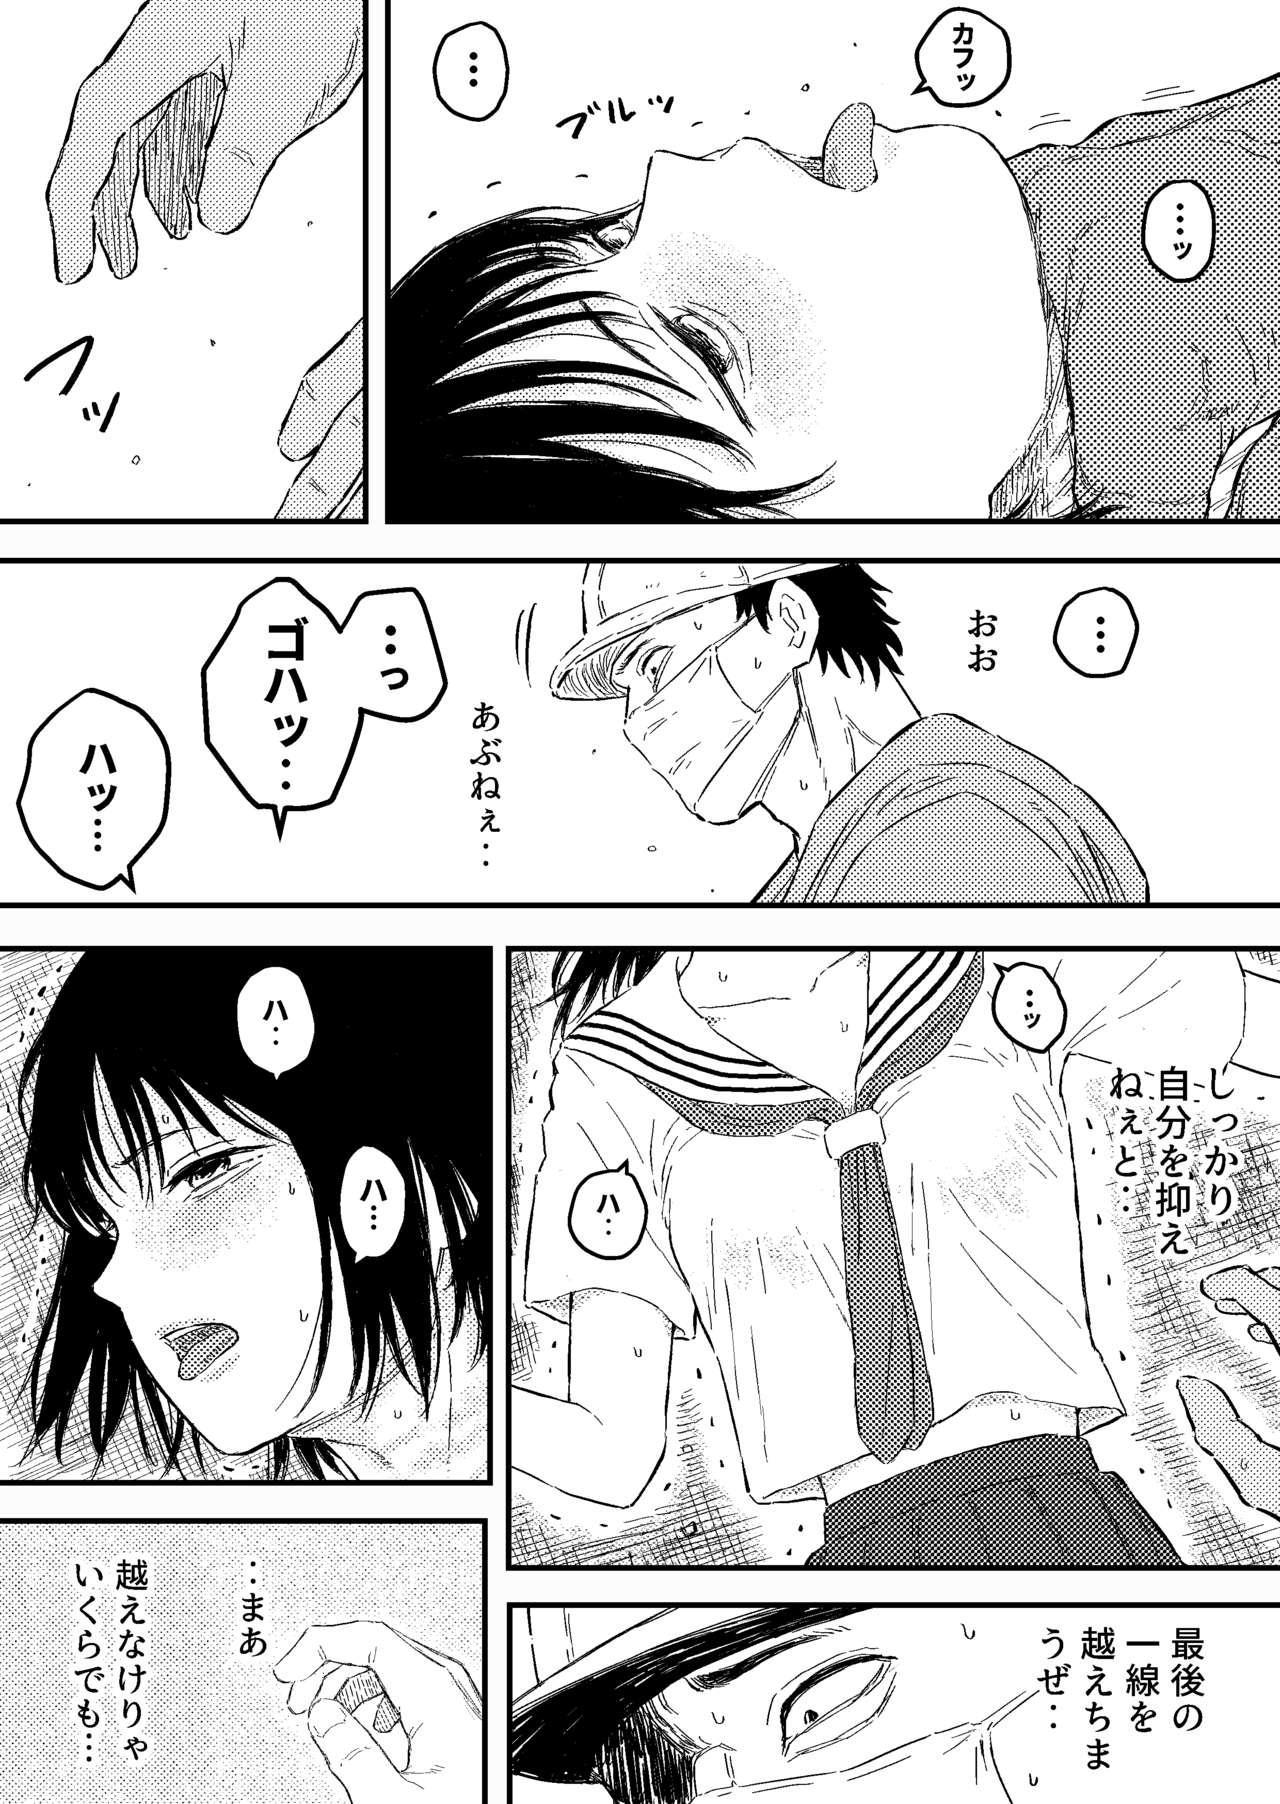 Houkago no Strangler 11